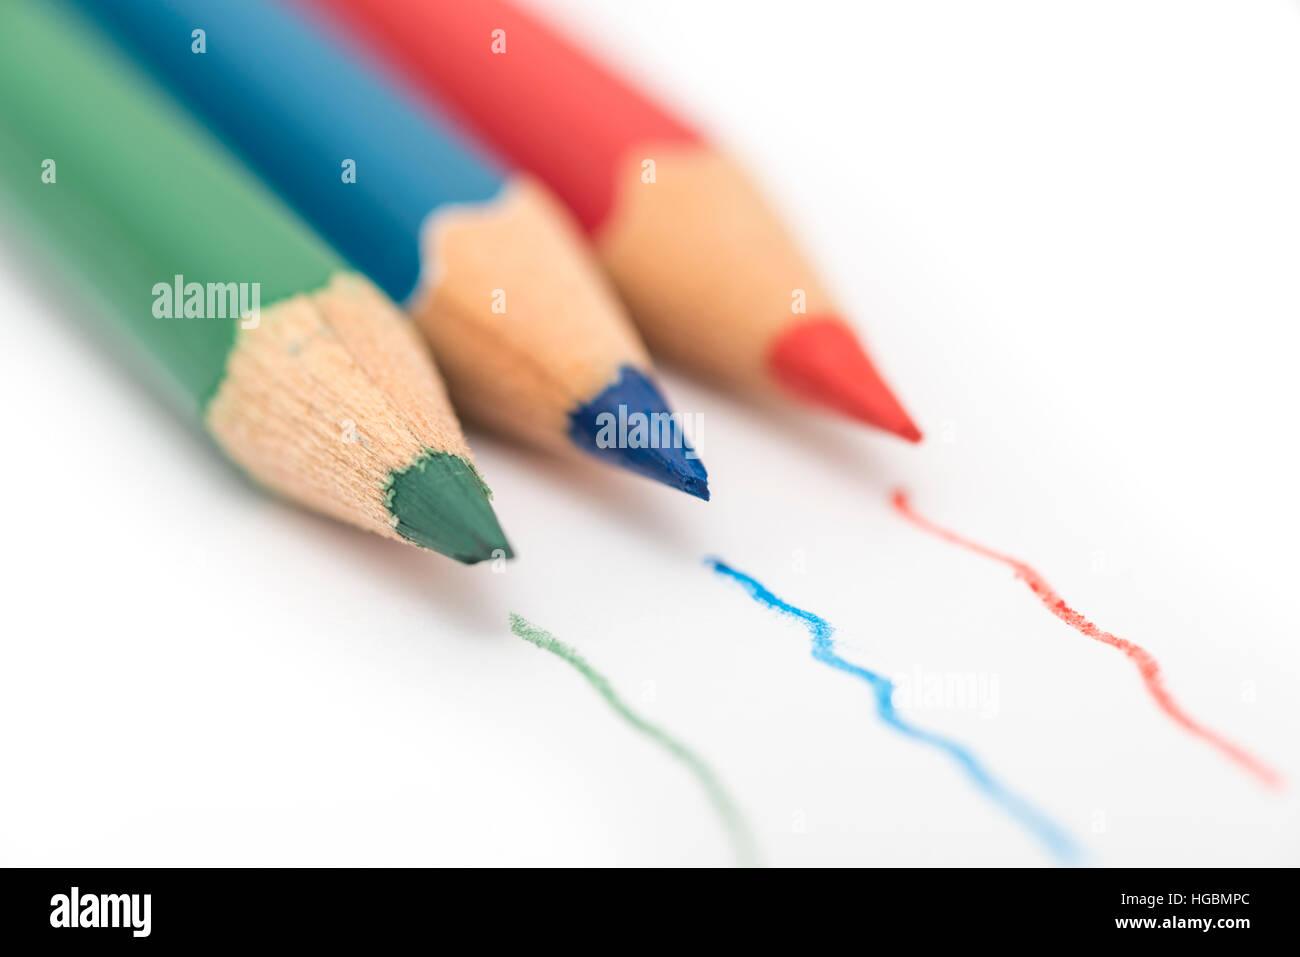 Färben Bleistifte. Rot, grün und blau färben isoliert auf einem ...